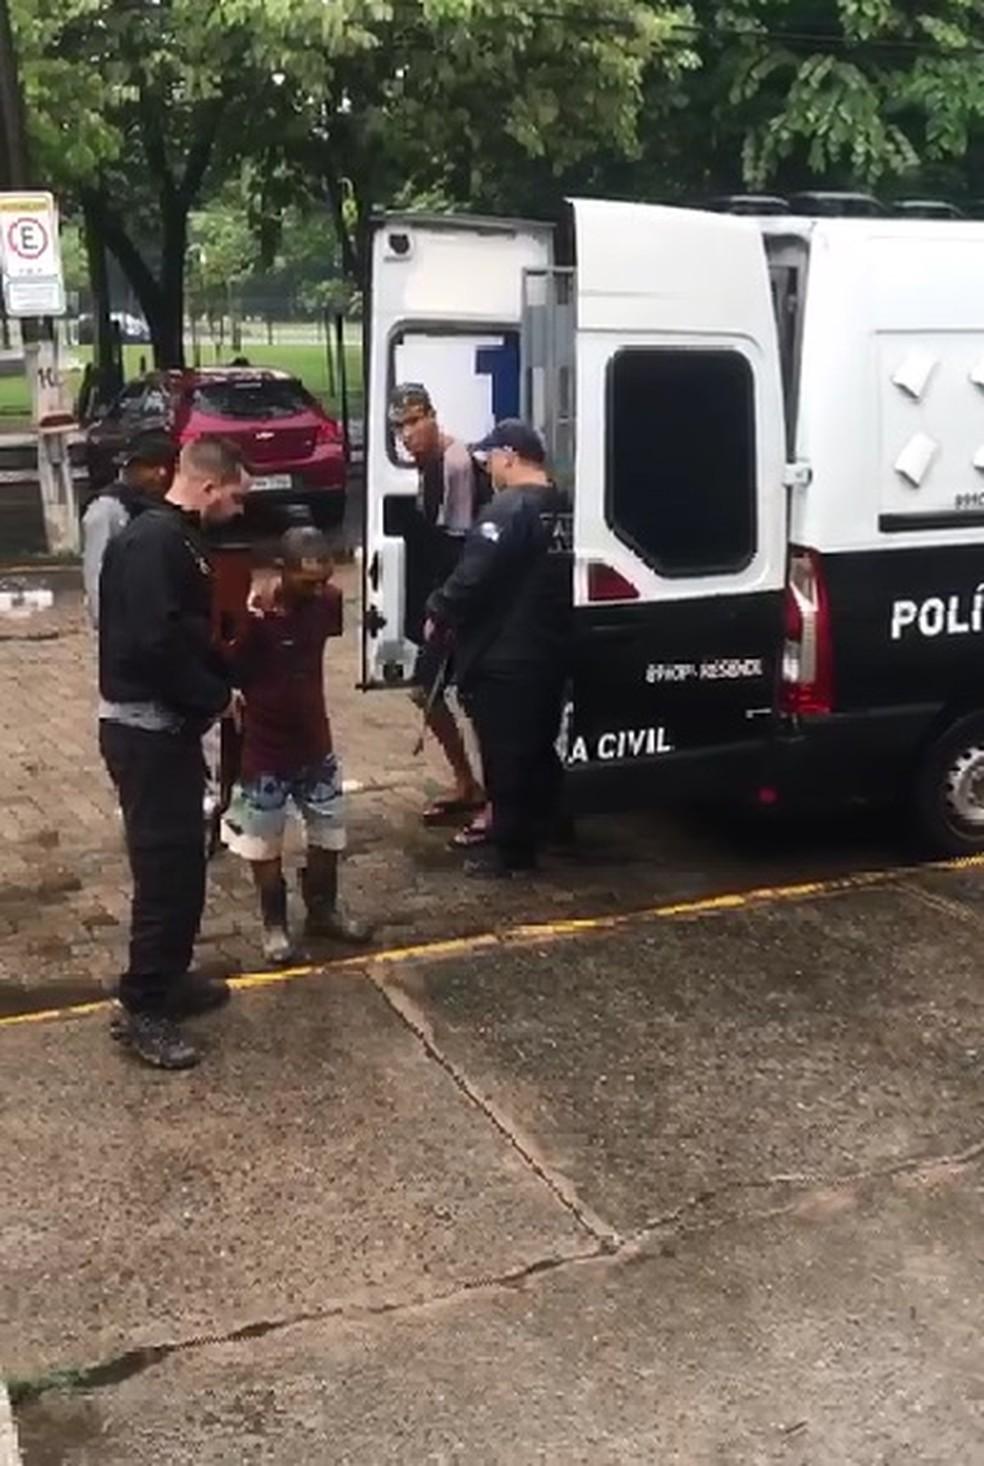 Grupo é preso durante ação policial em Resende — Foto: Reprodução